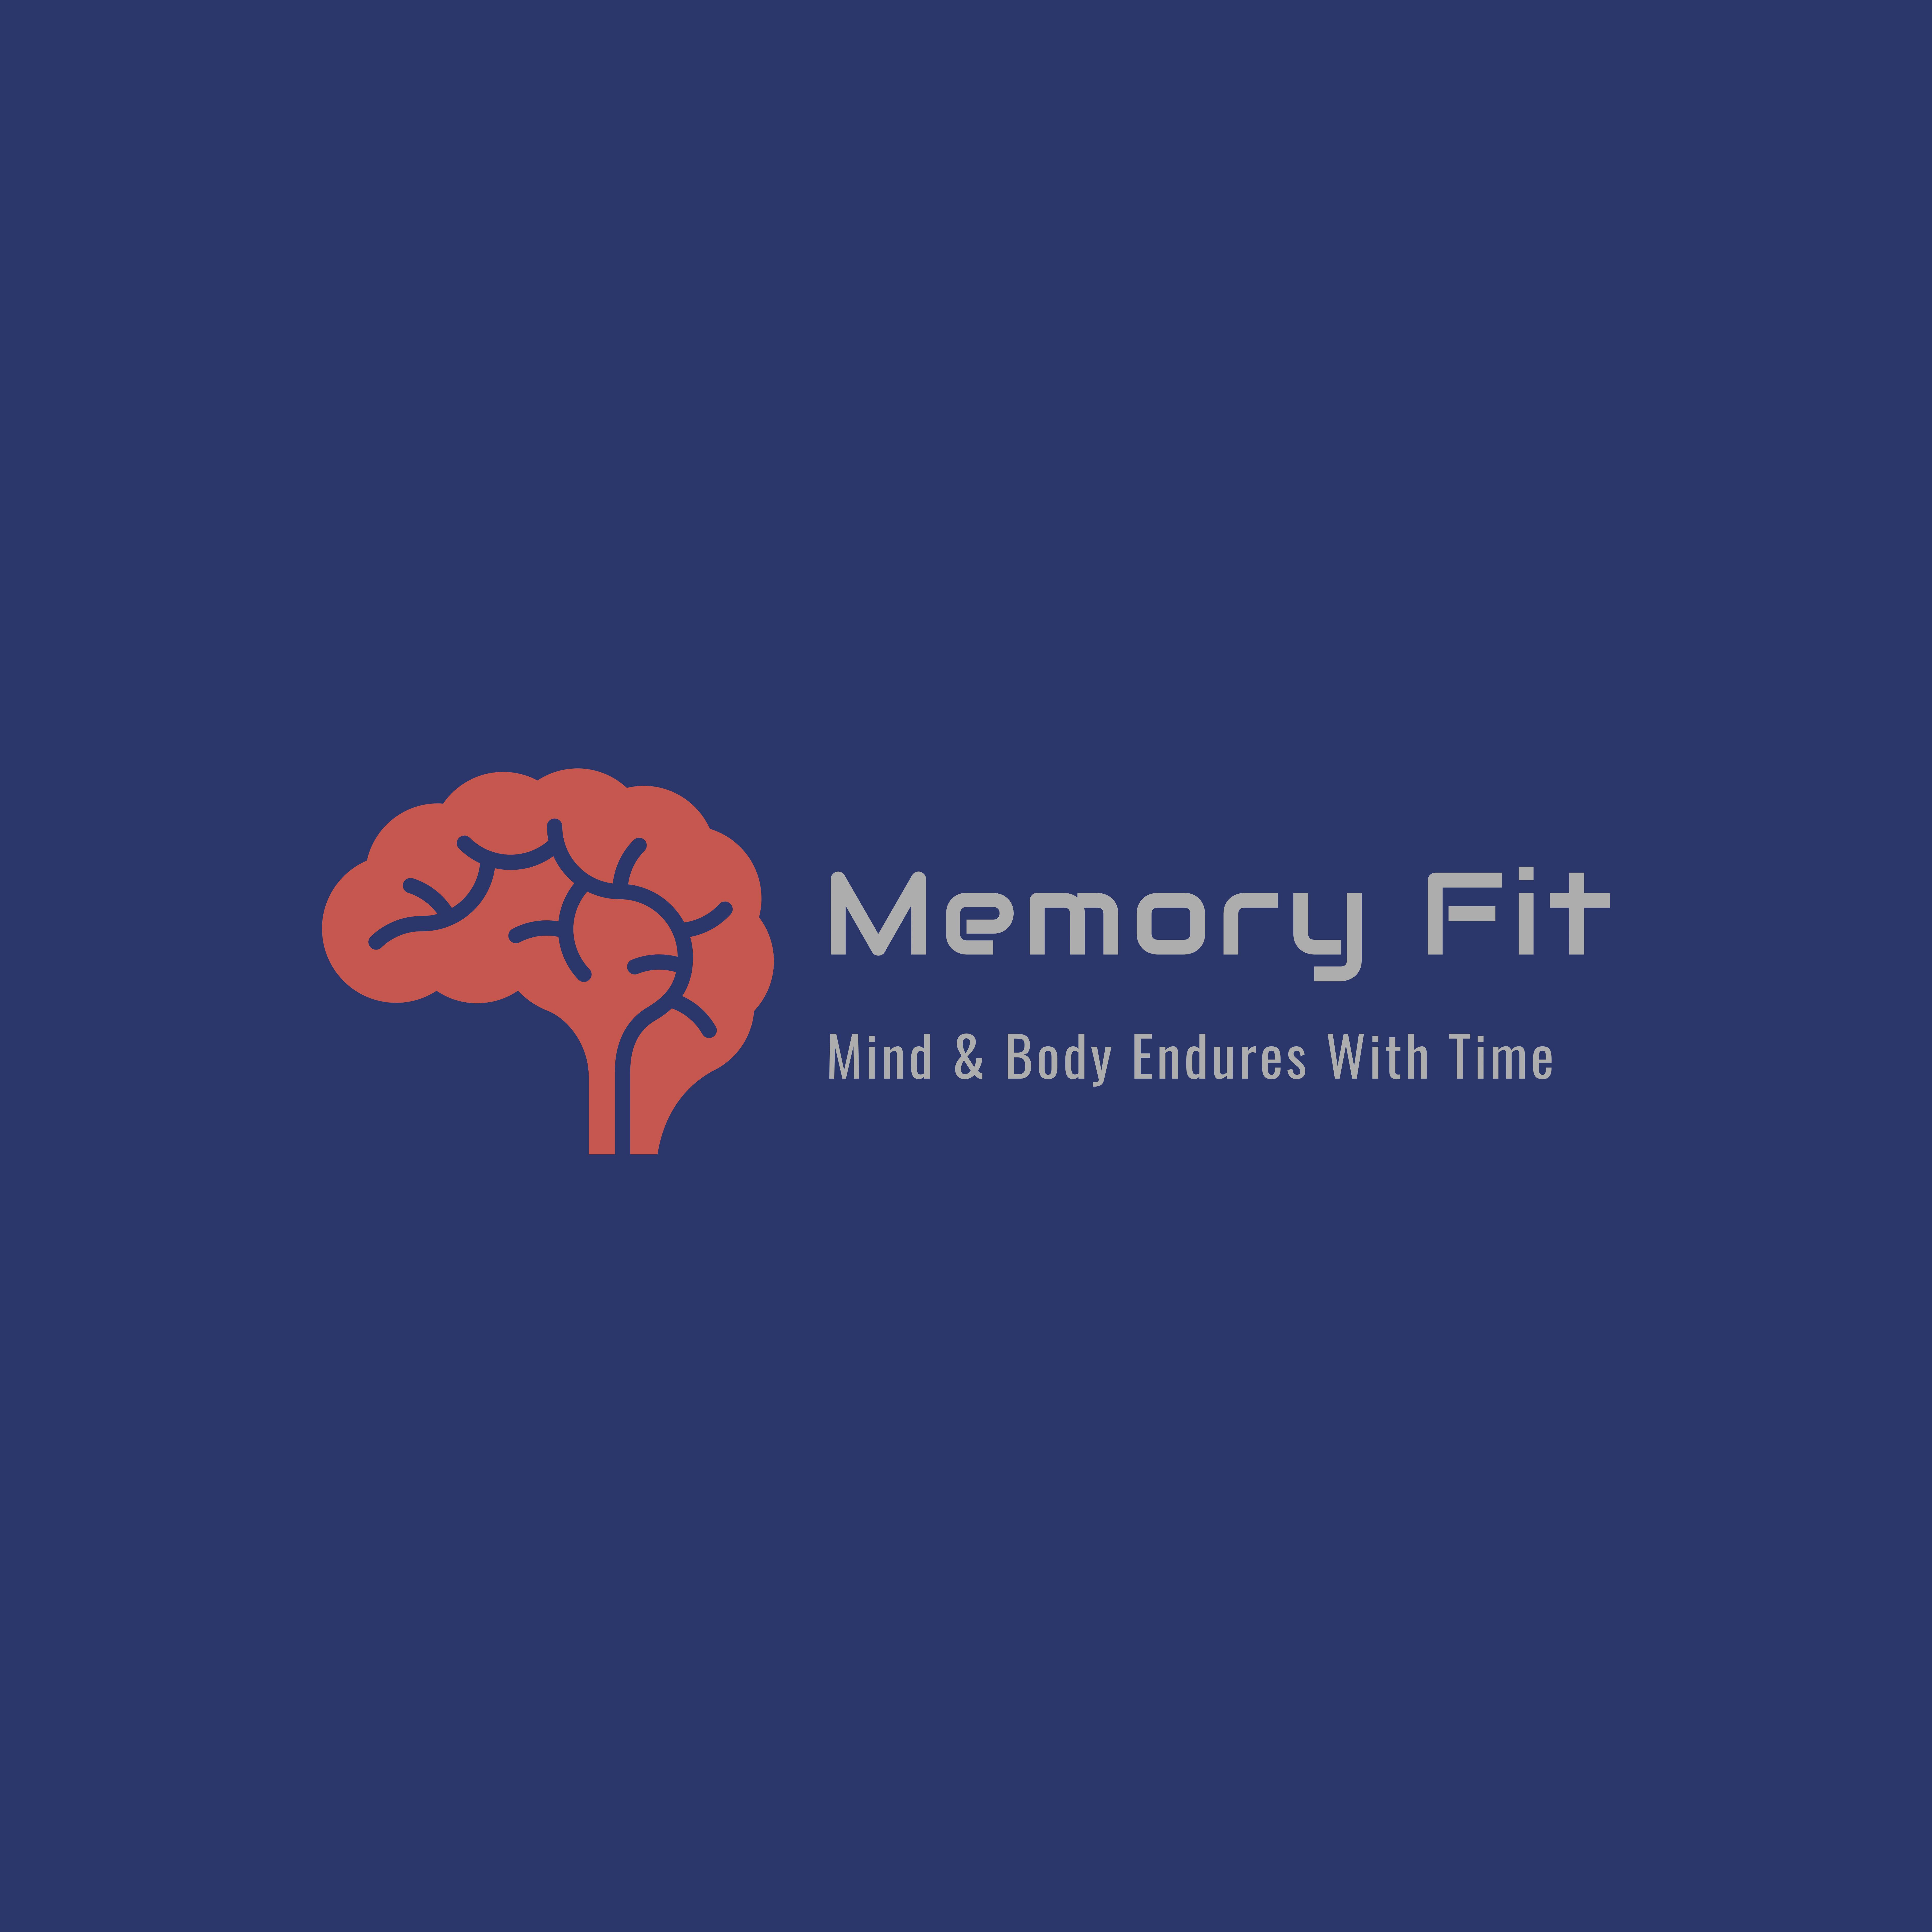 Memory Fit